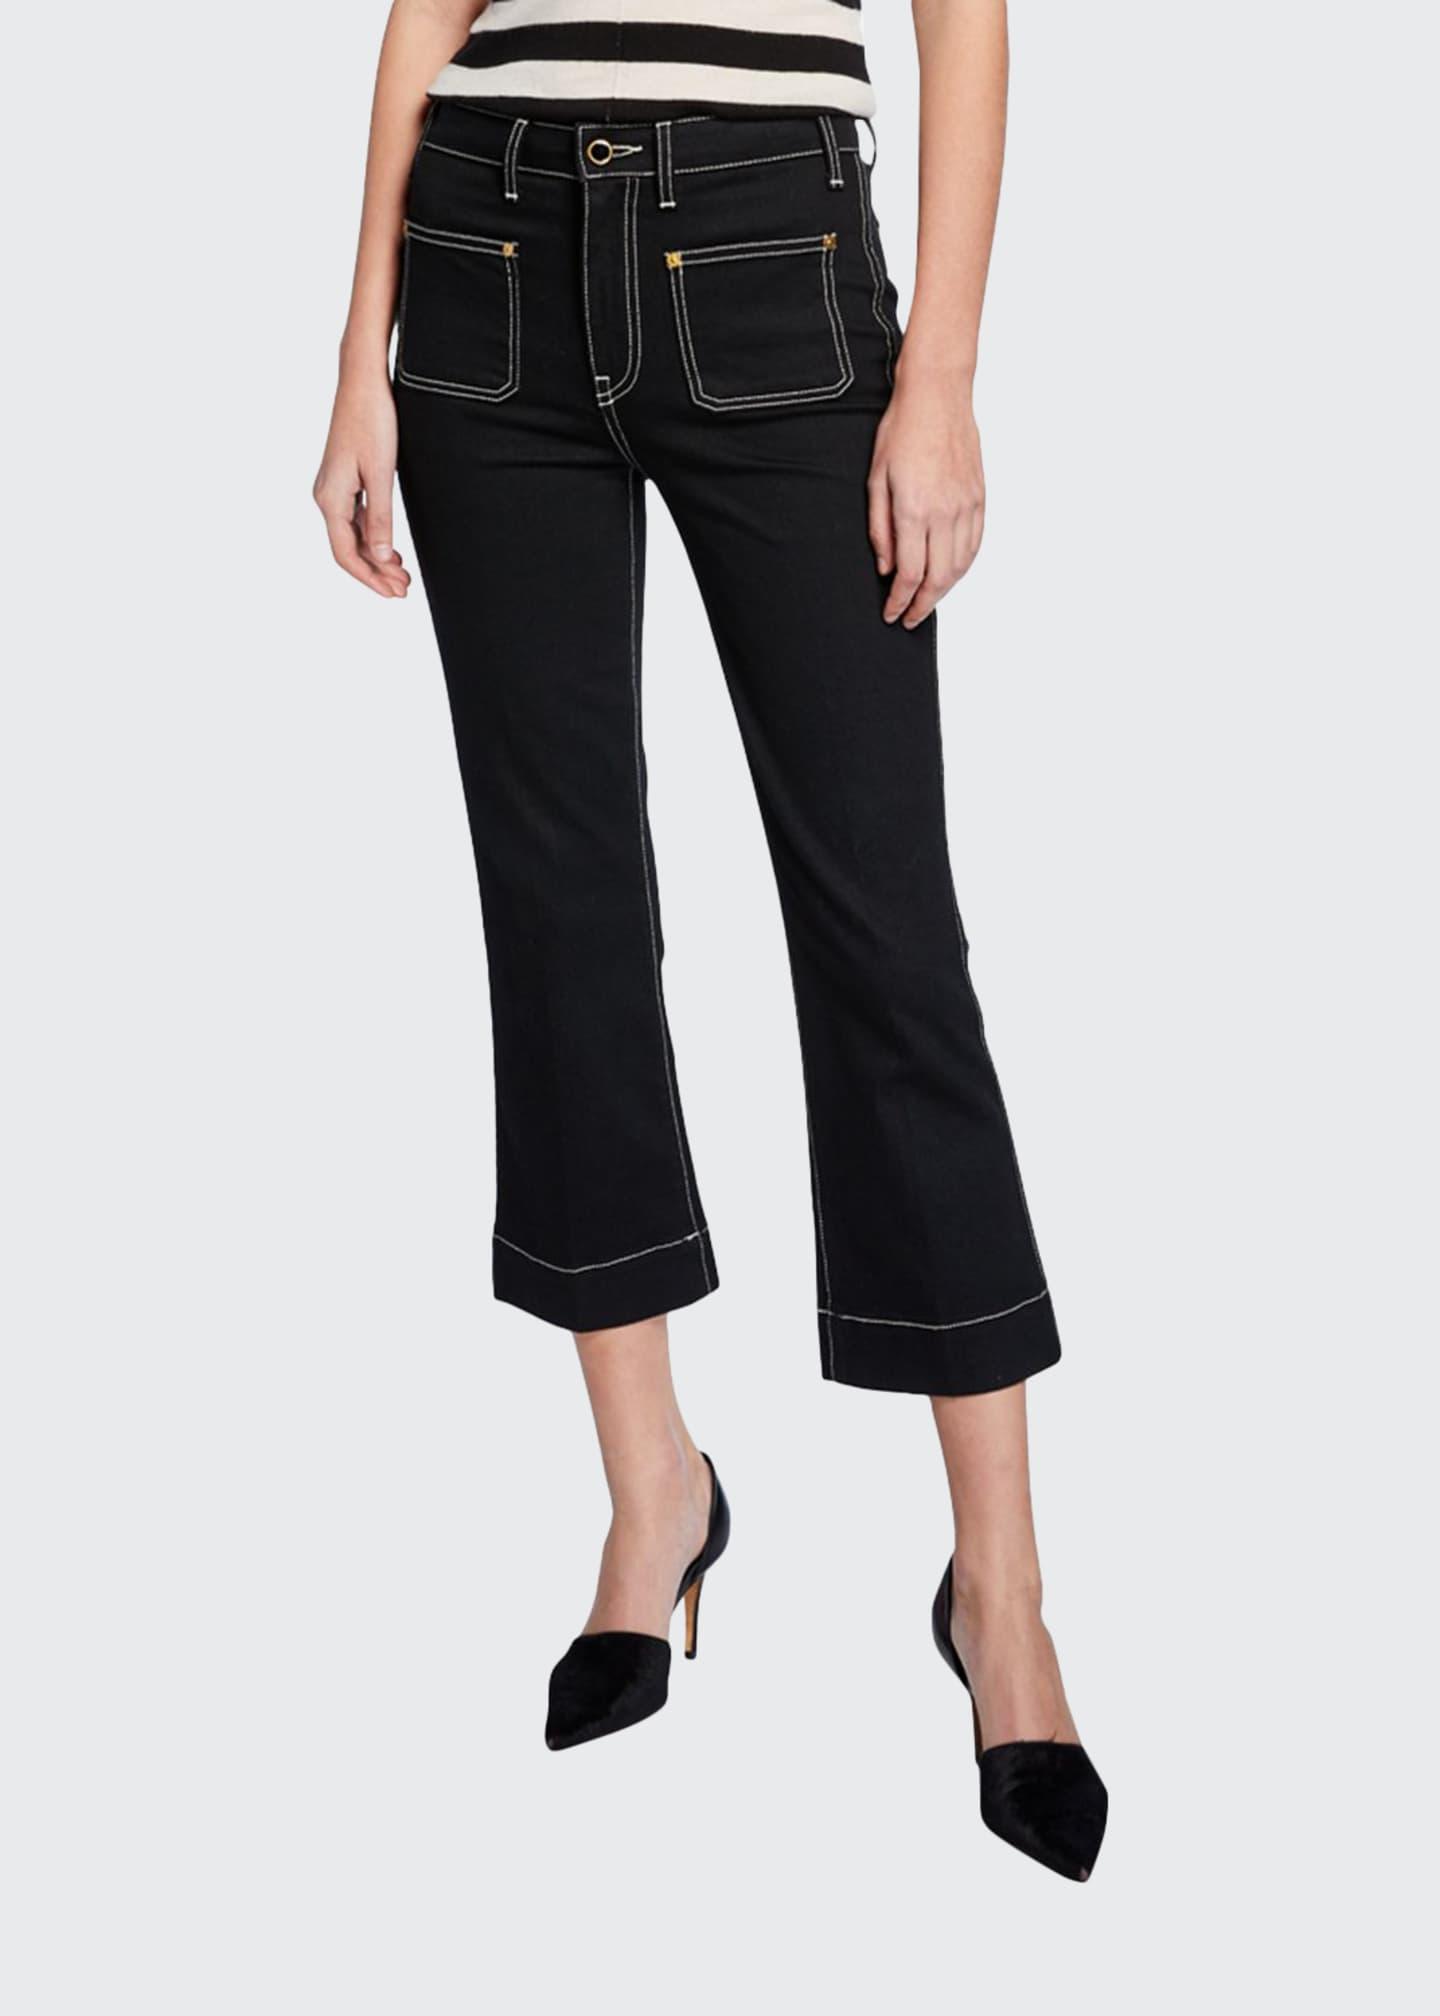 Khaite Raquel Patch-Pocket Cropped Flare Jeans, Black